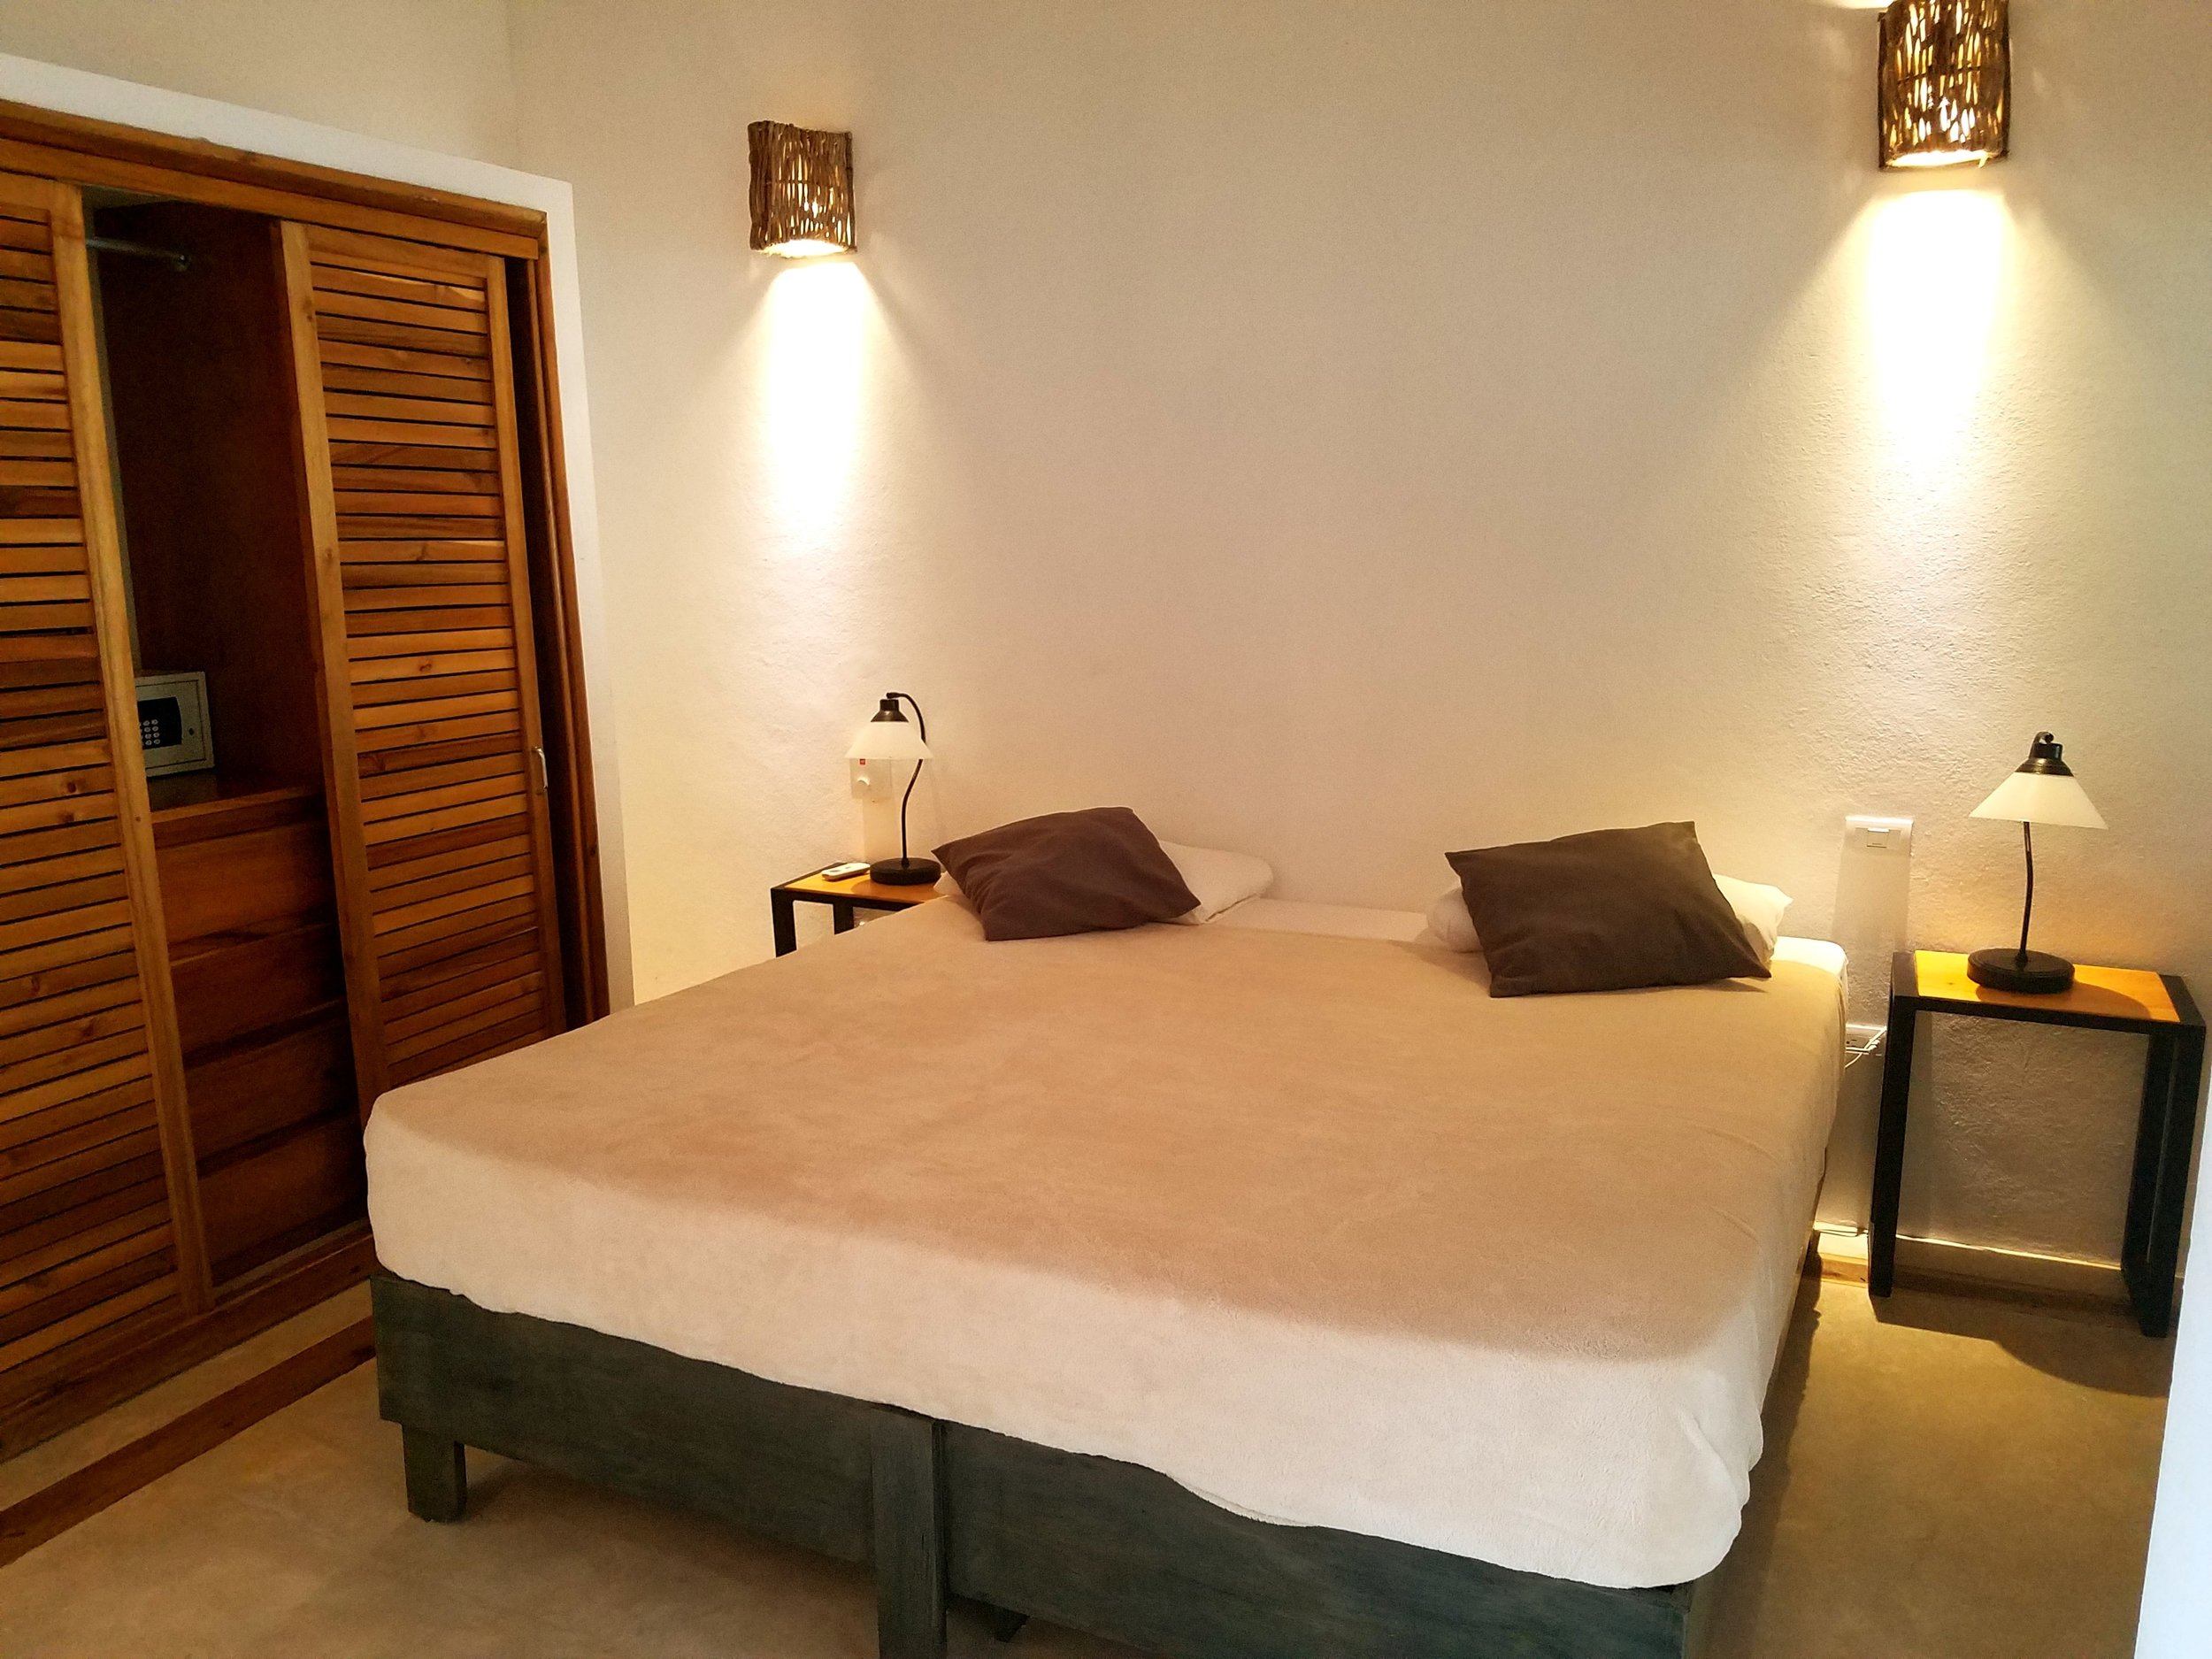 Villa las for rent Las Terrenas Las Flores12-min.jpg